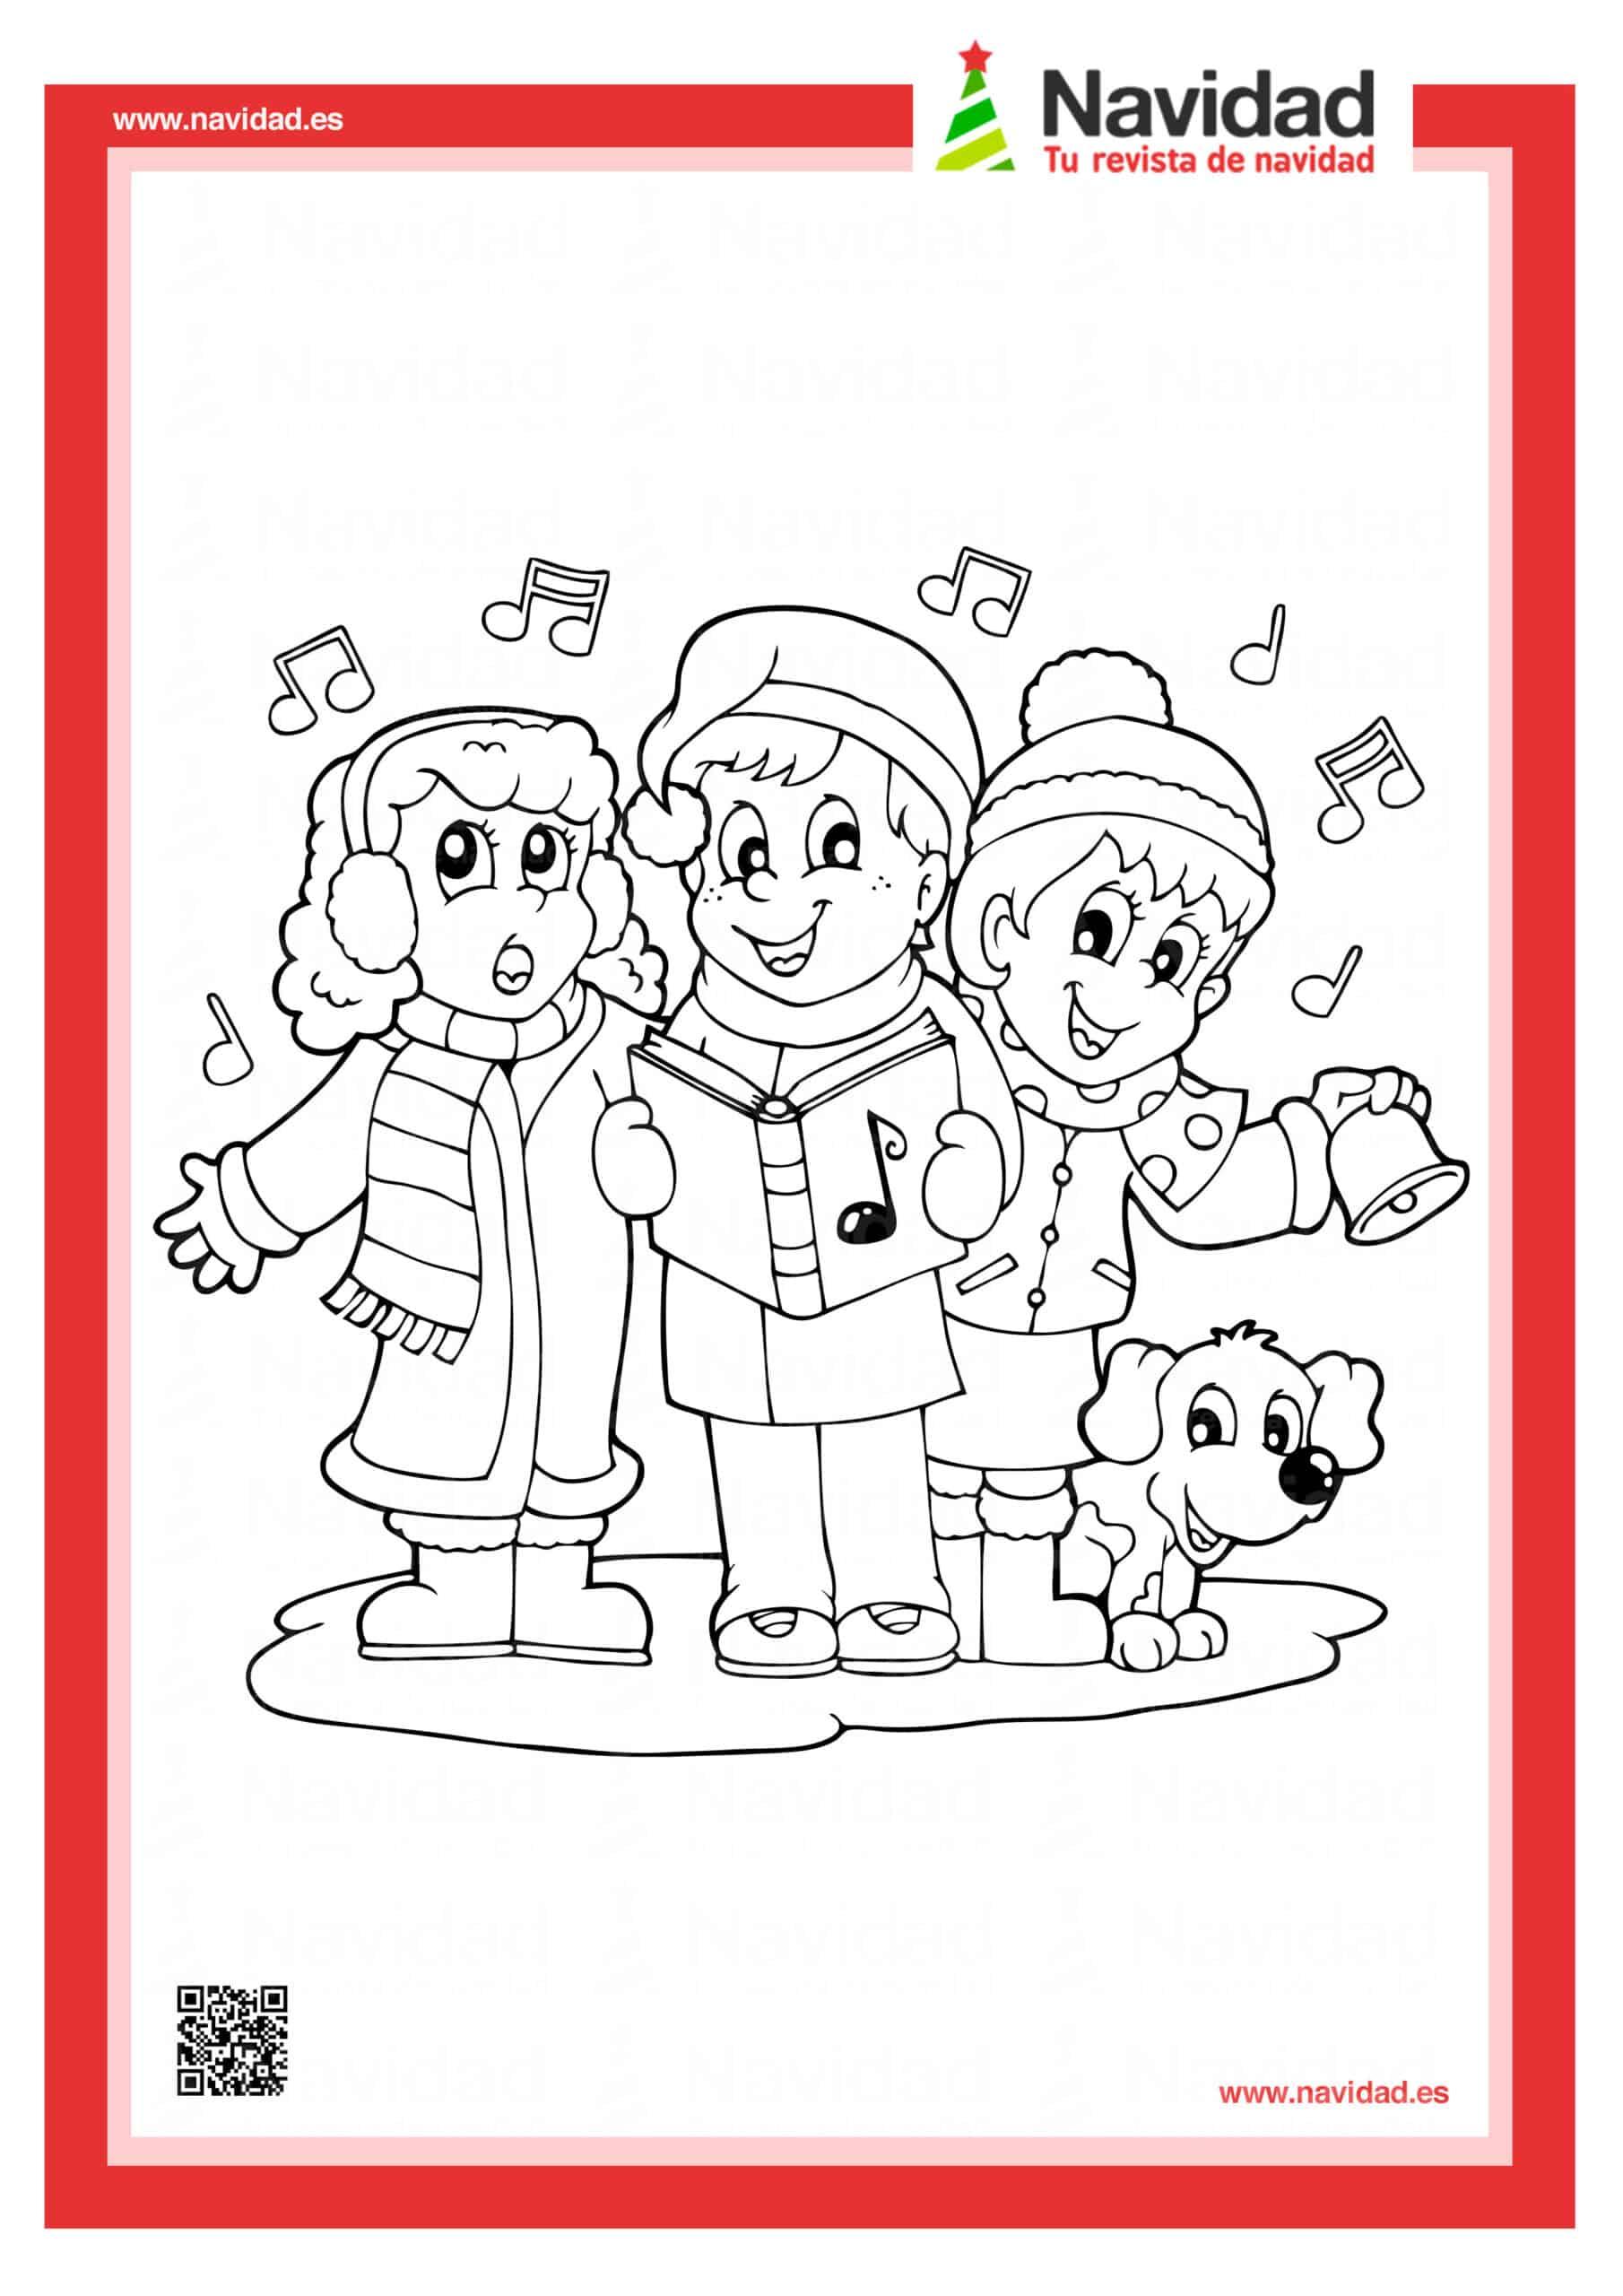 Dibujos navideños para colorear con los hijos esta Navidad 9